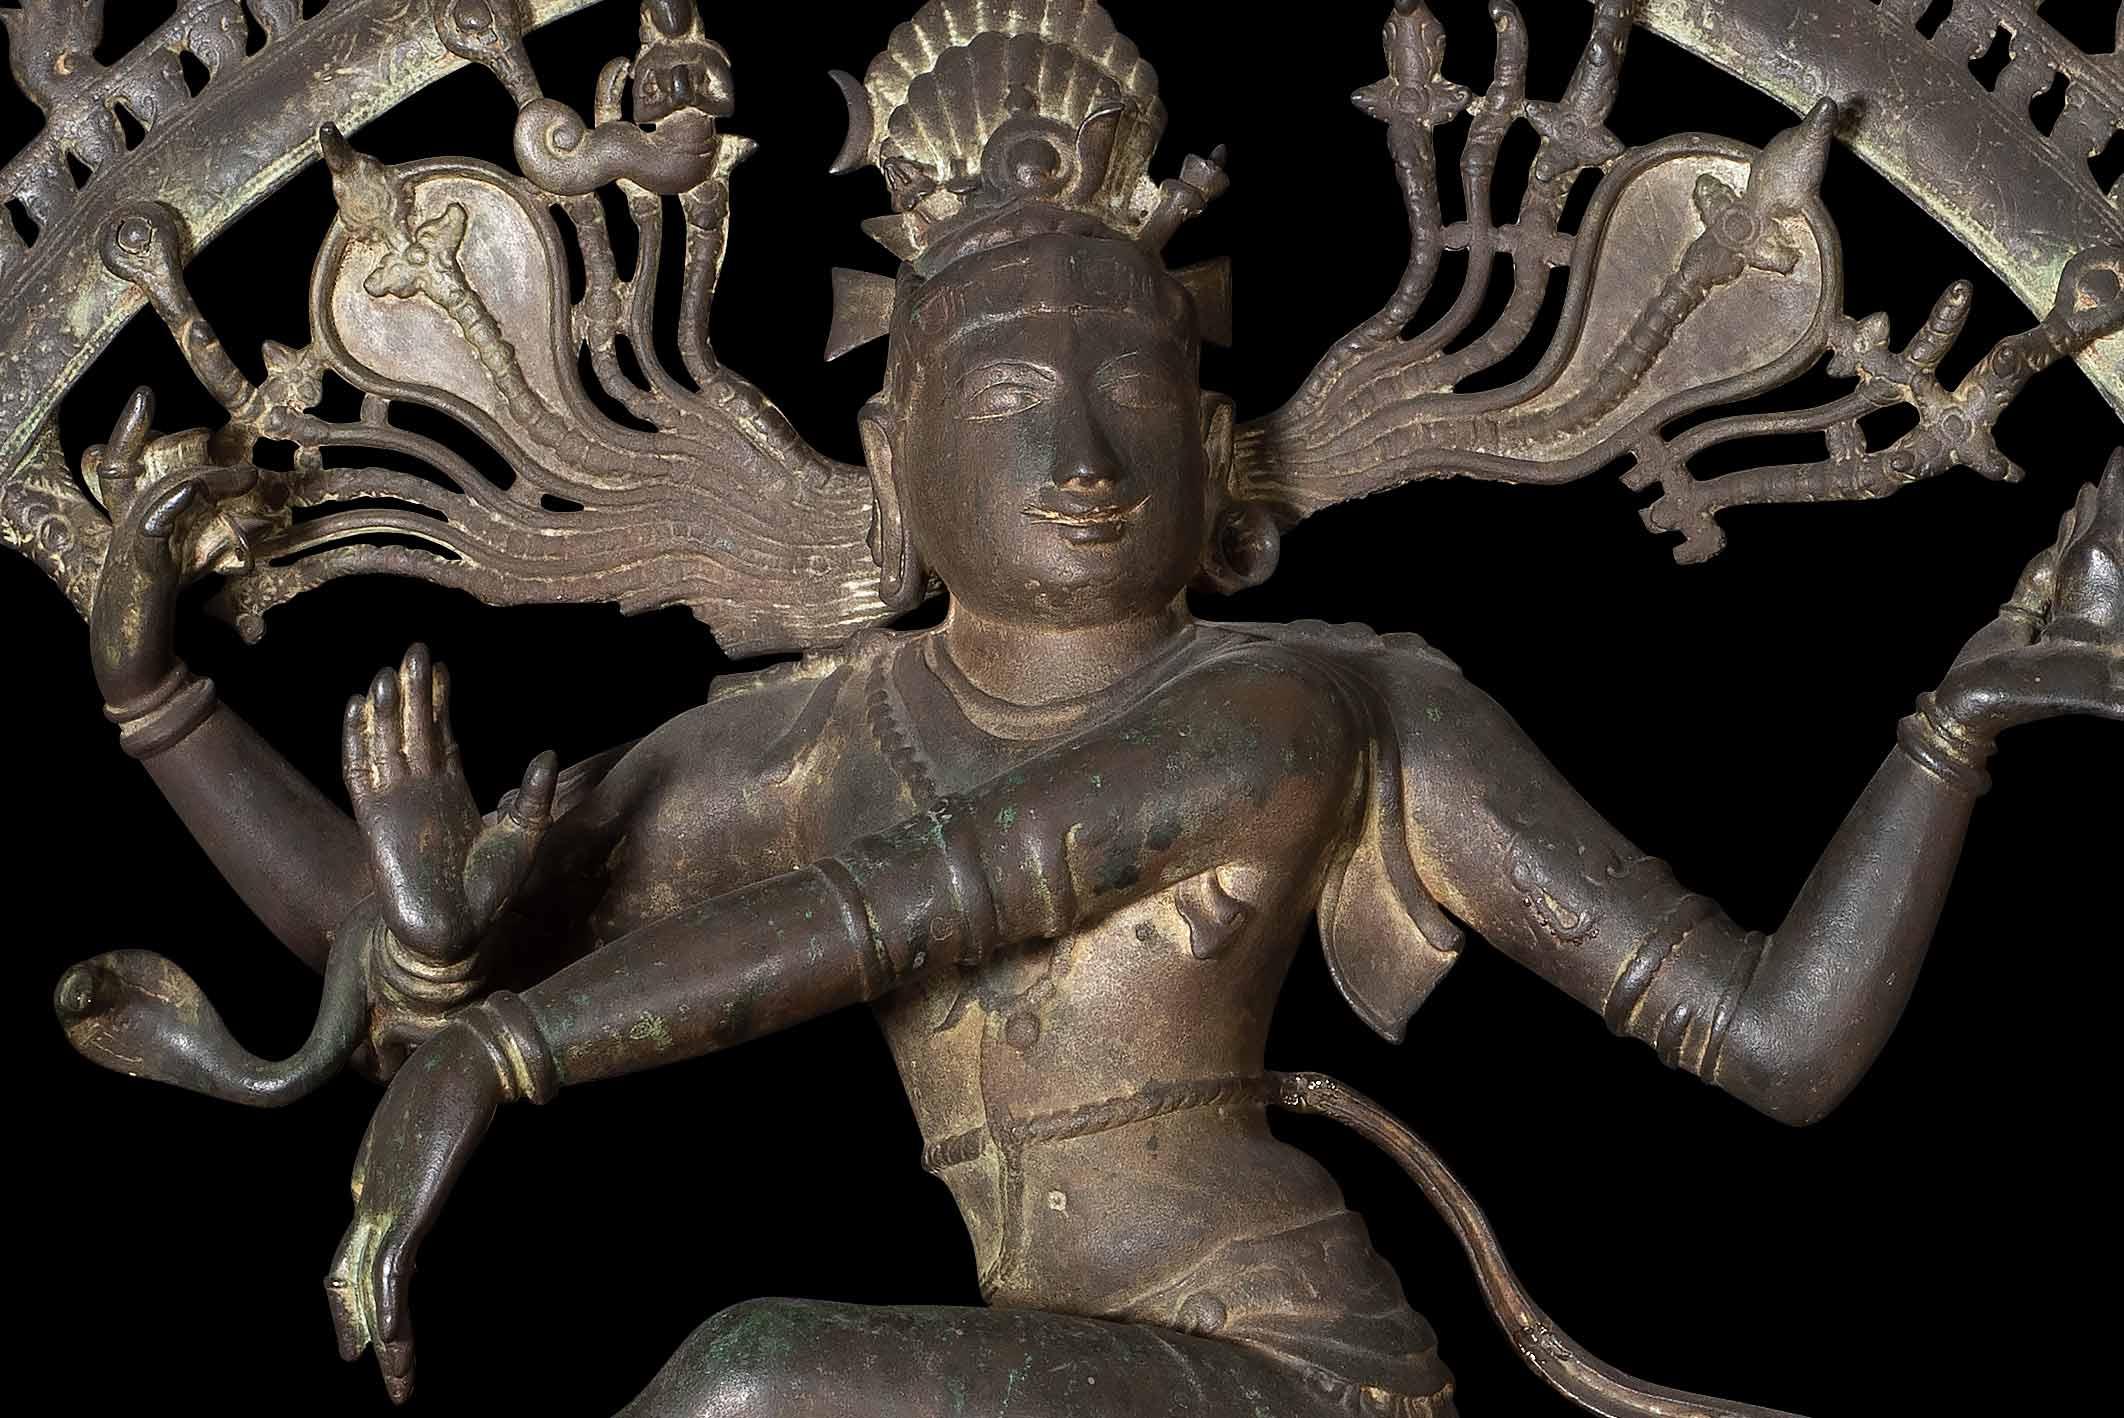 Een bronzen beeld dat een dansende Shiva voorstelt. Het beeld staat centraal in een vlammenkrans, met één been van de grond. Het andere been rust op een figuur die een dwerg voorstelt. Shiva, voorgesteld met vier armen, houdt een kleine trommel en een vlam vast.